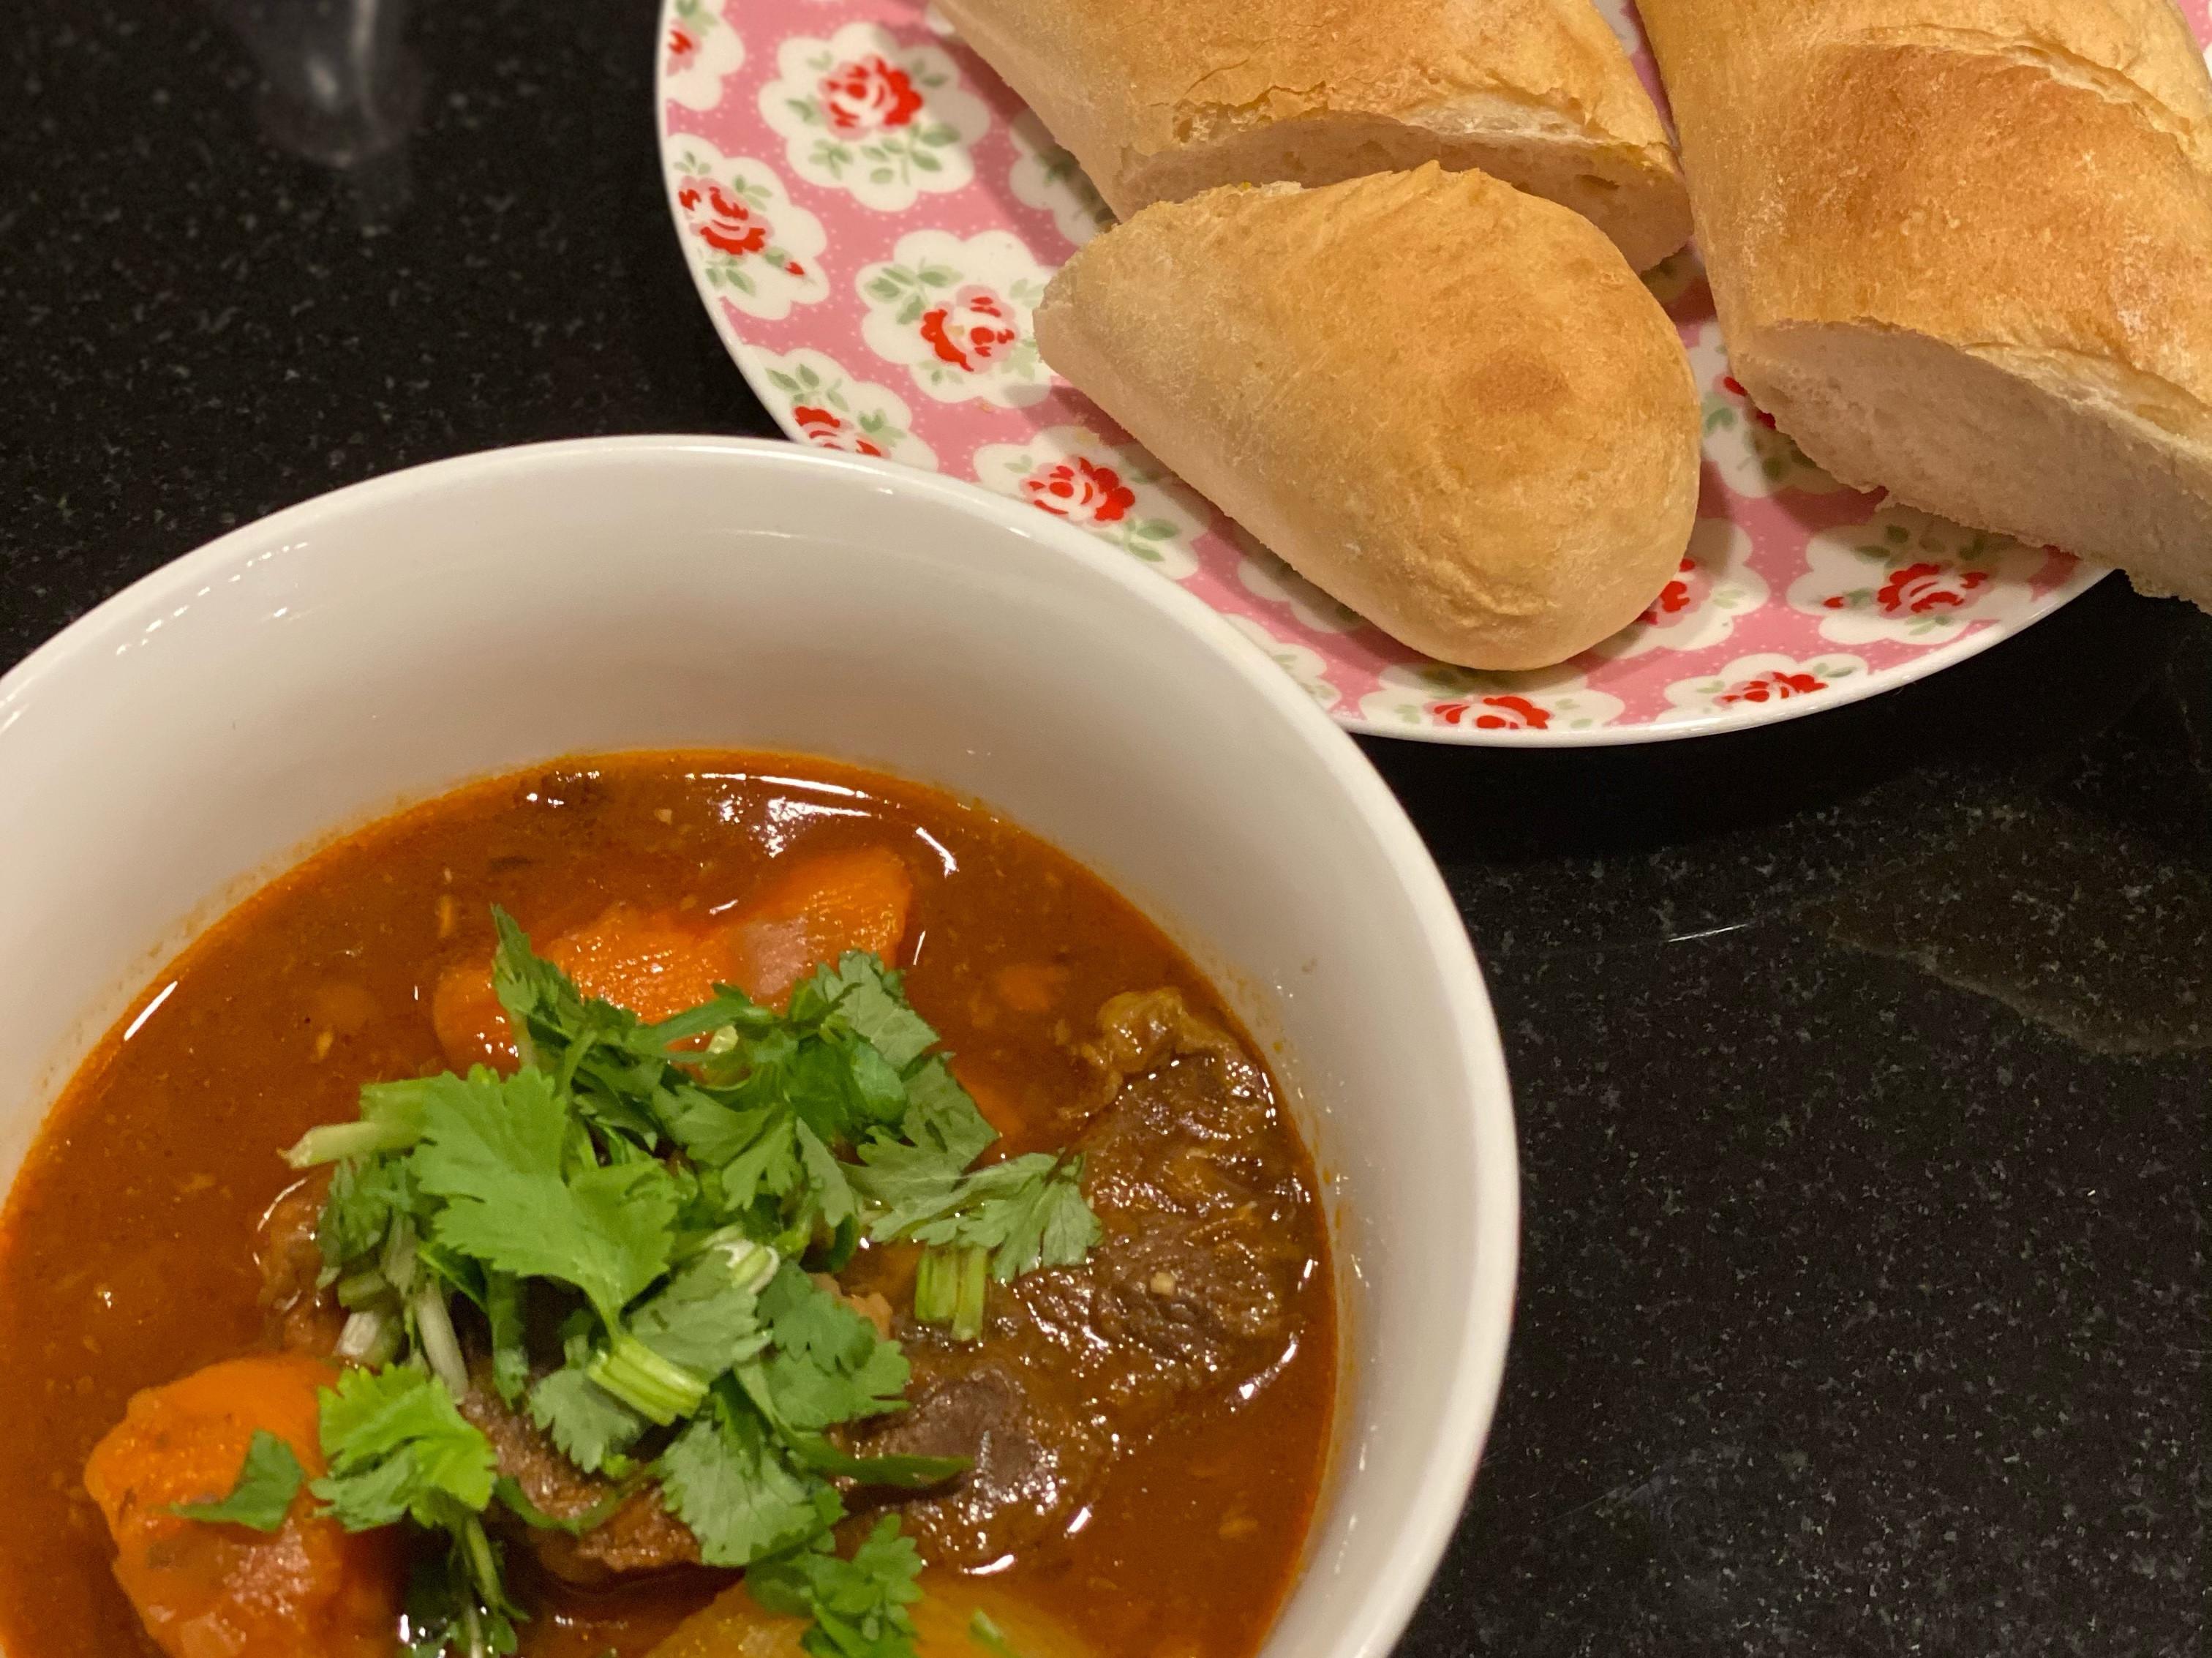 越式茄汁牛腩 (壓力鍋食譜)